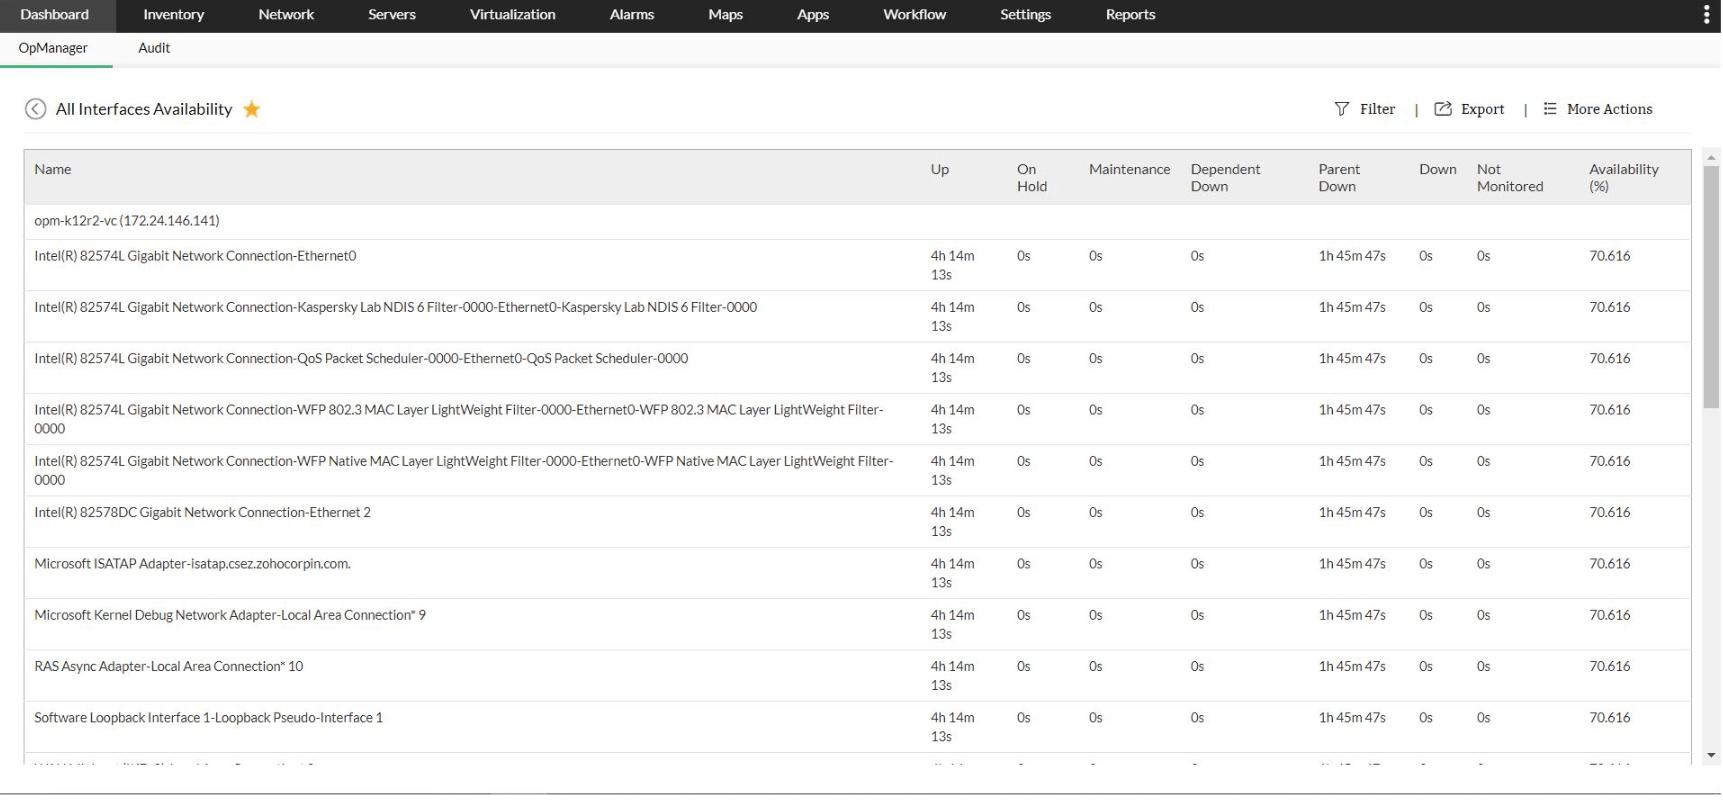 Analyse de la disponibilité de l'appareil - ManageEngine OpManager